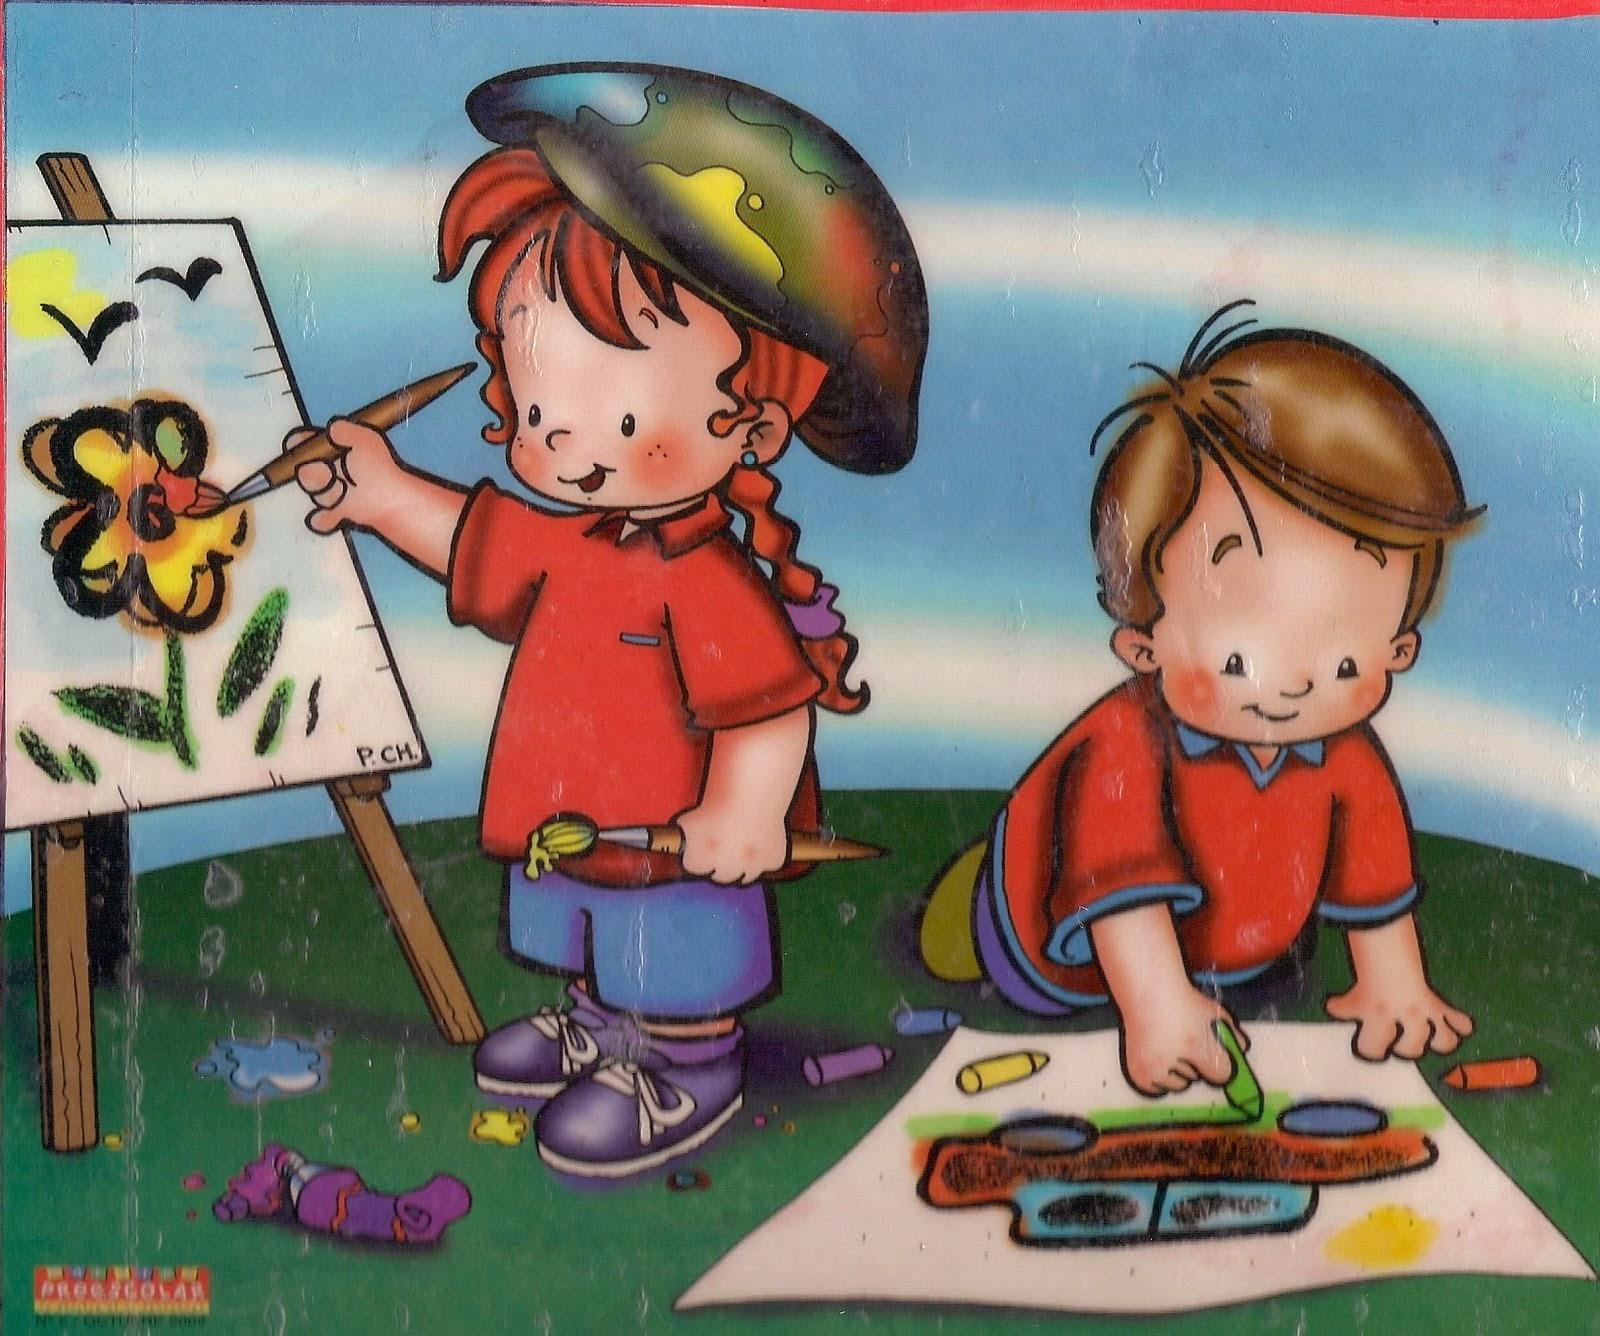 Condiciones institucionales de la pr ctica educativa en for Aprendemos jugando jardin infantil